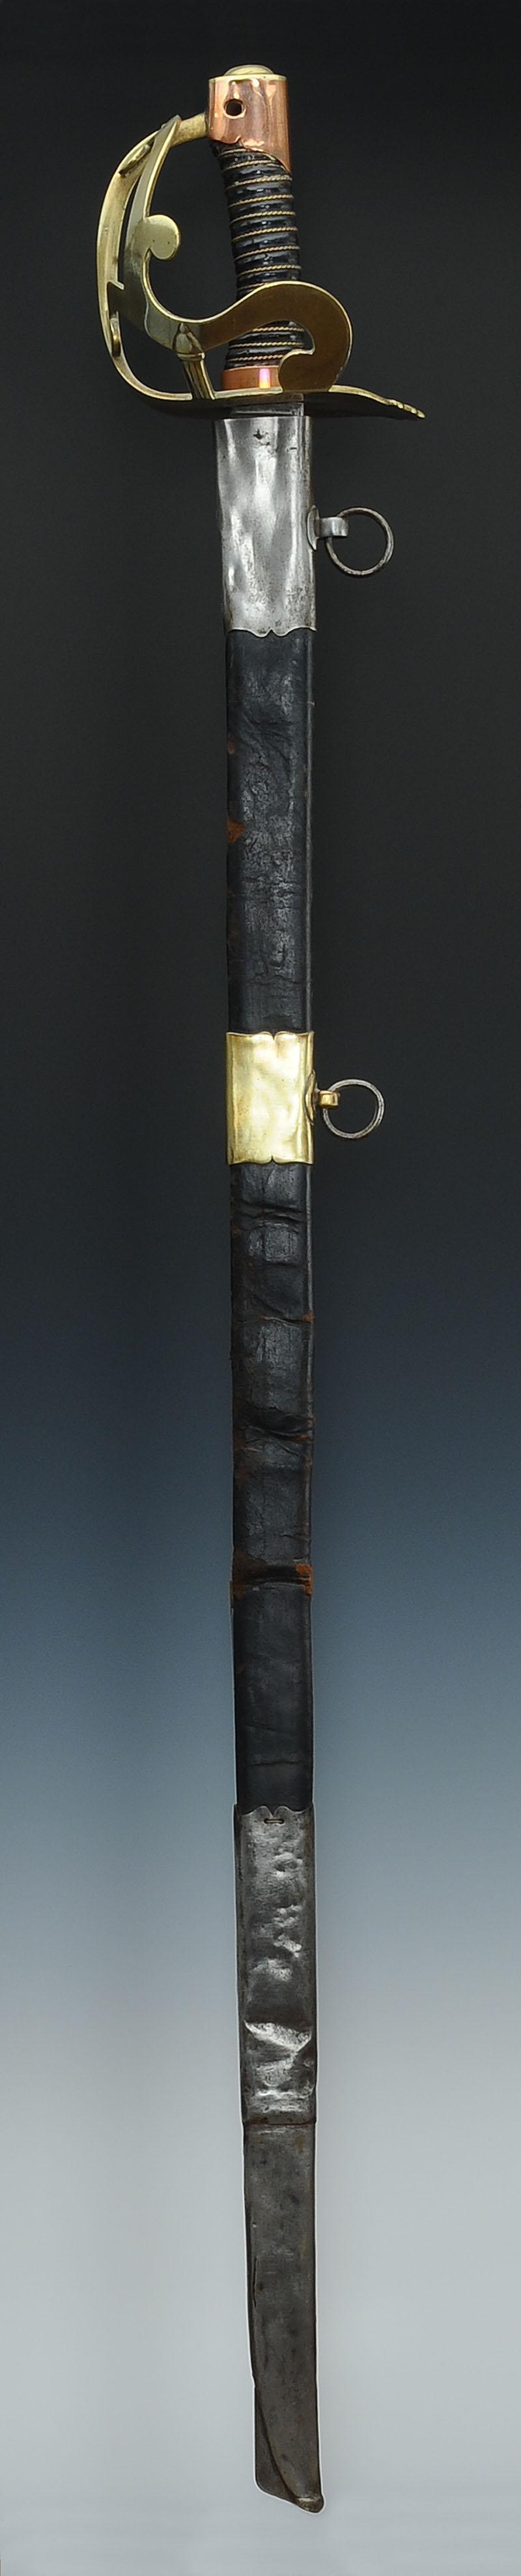 haché abordage 1796